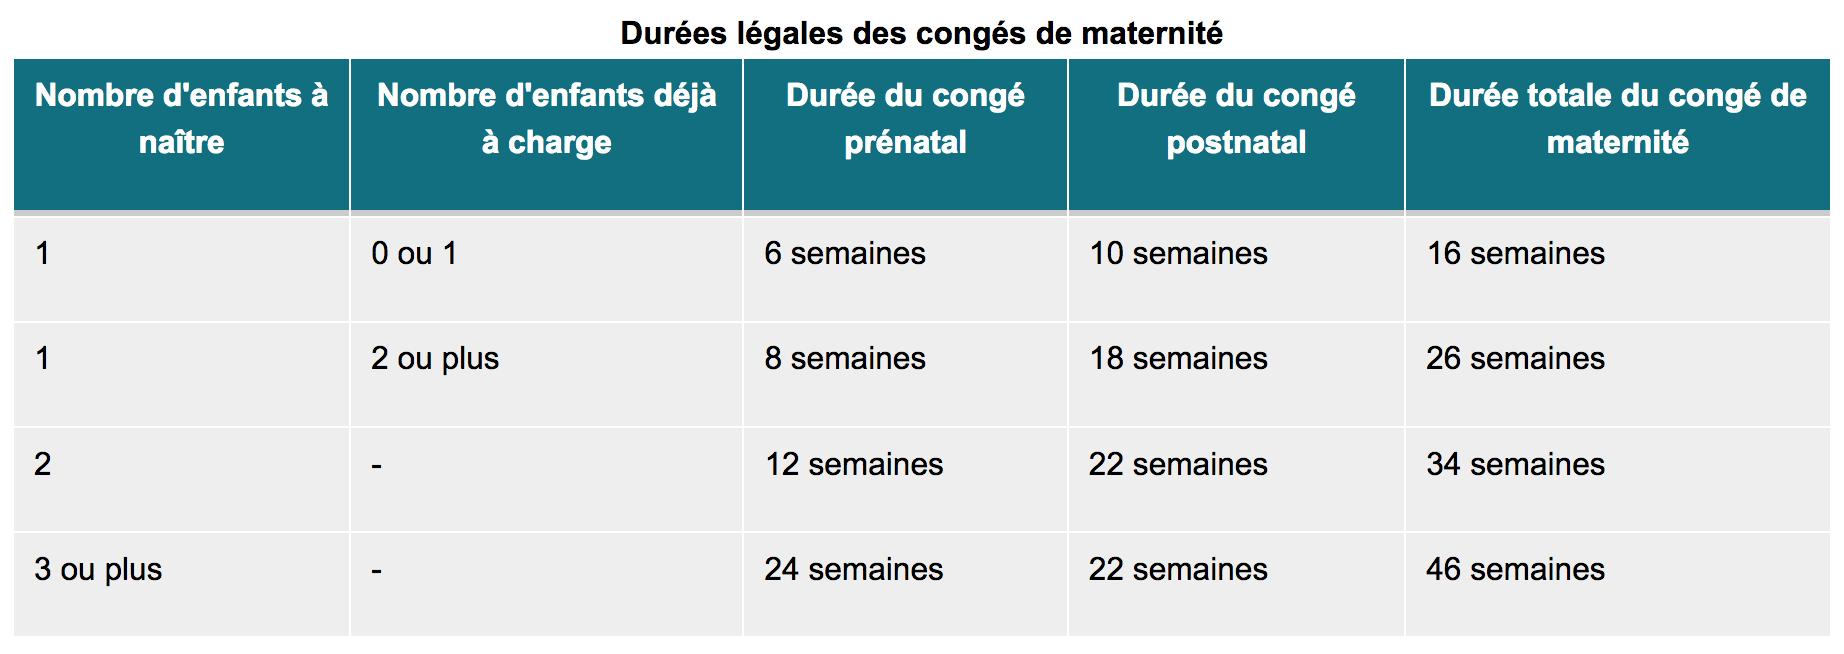 durée-légale-congé-maternité